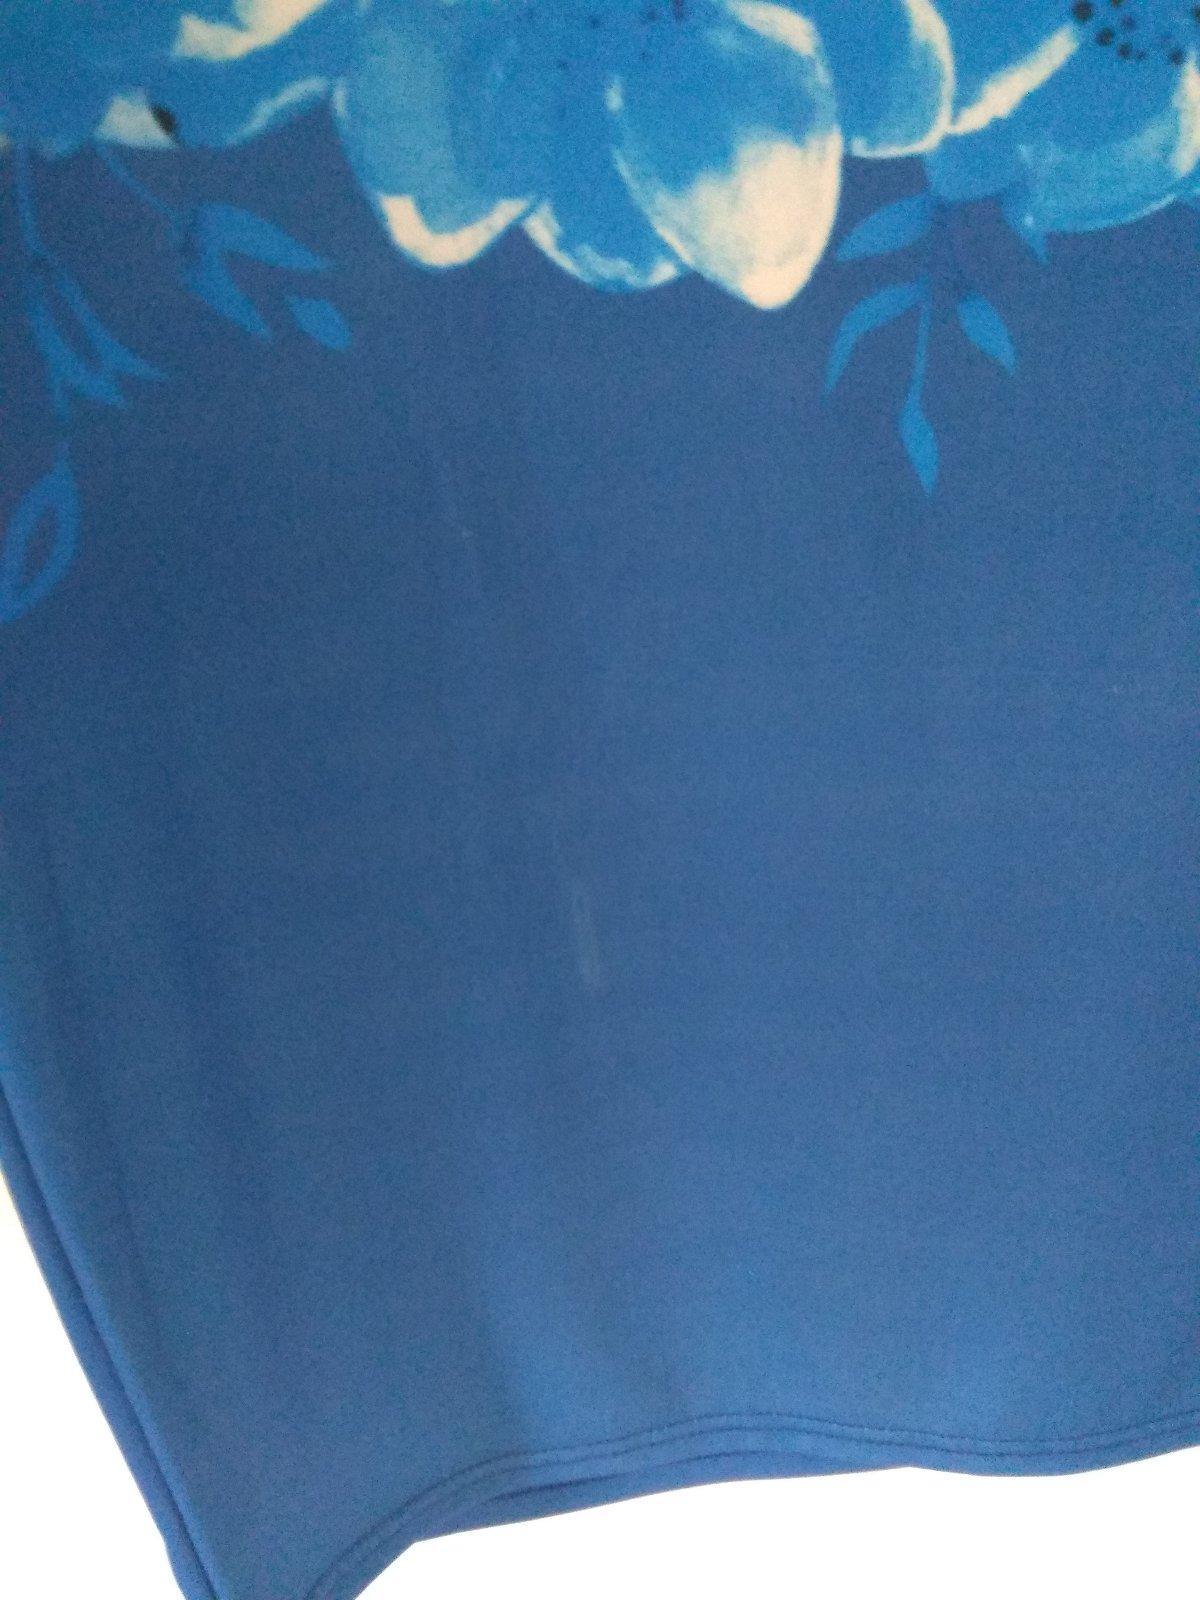 Modro biele šaty - Obrázok č. 2